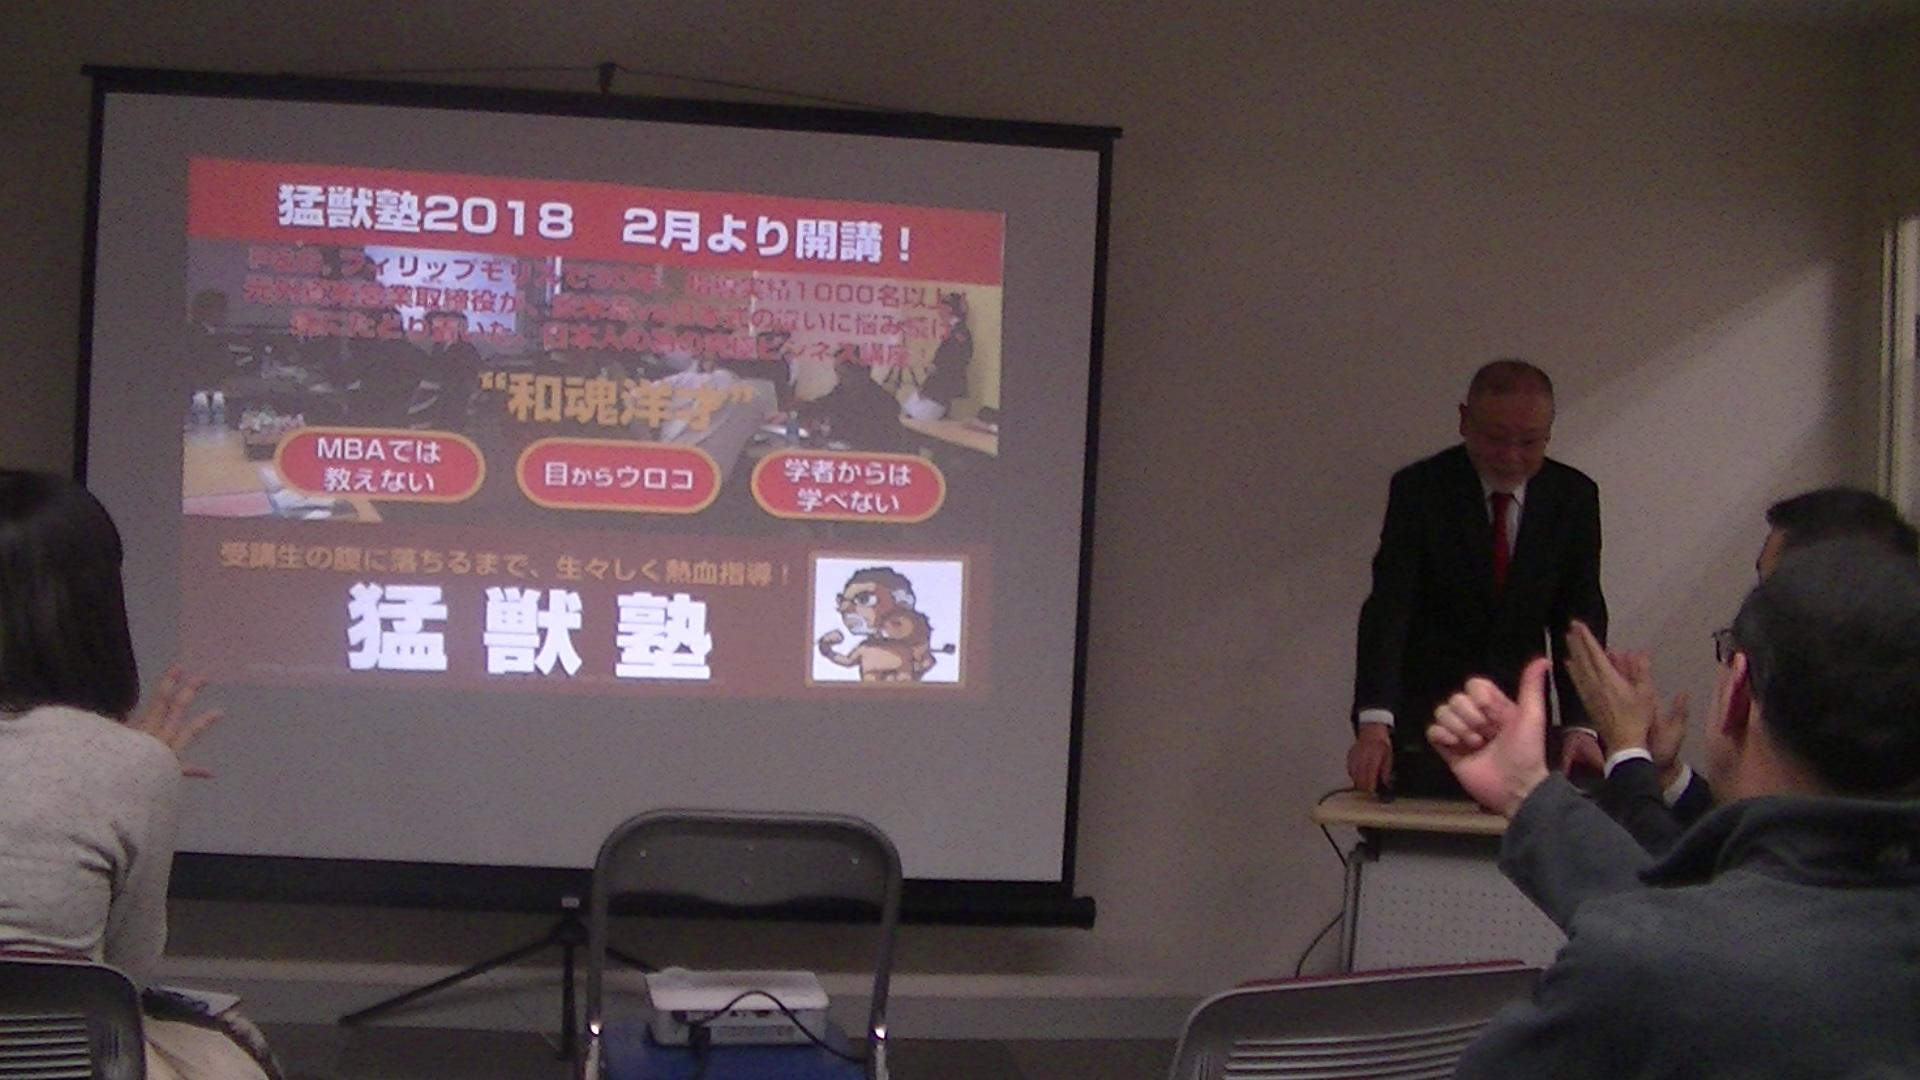 PIC 0103 - 猛獣塾全国活動中